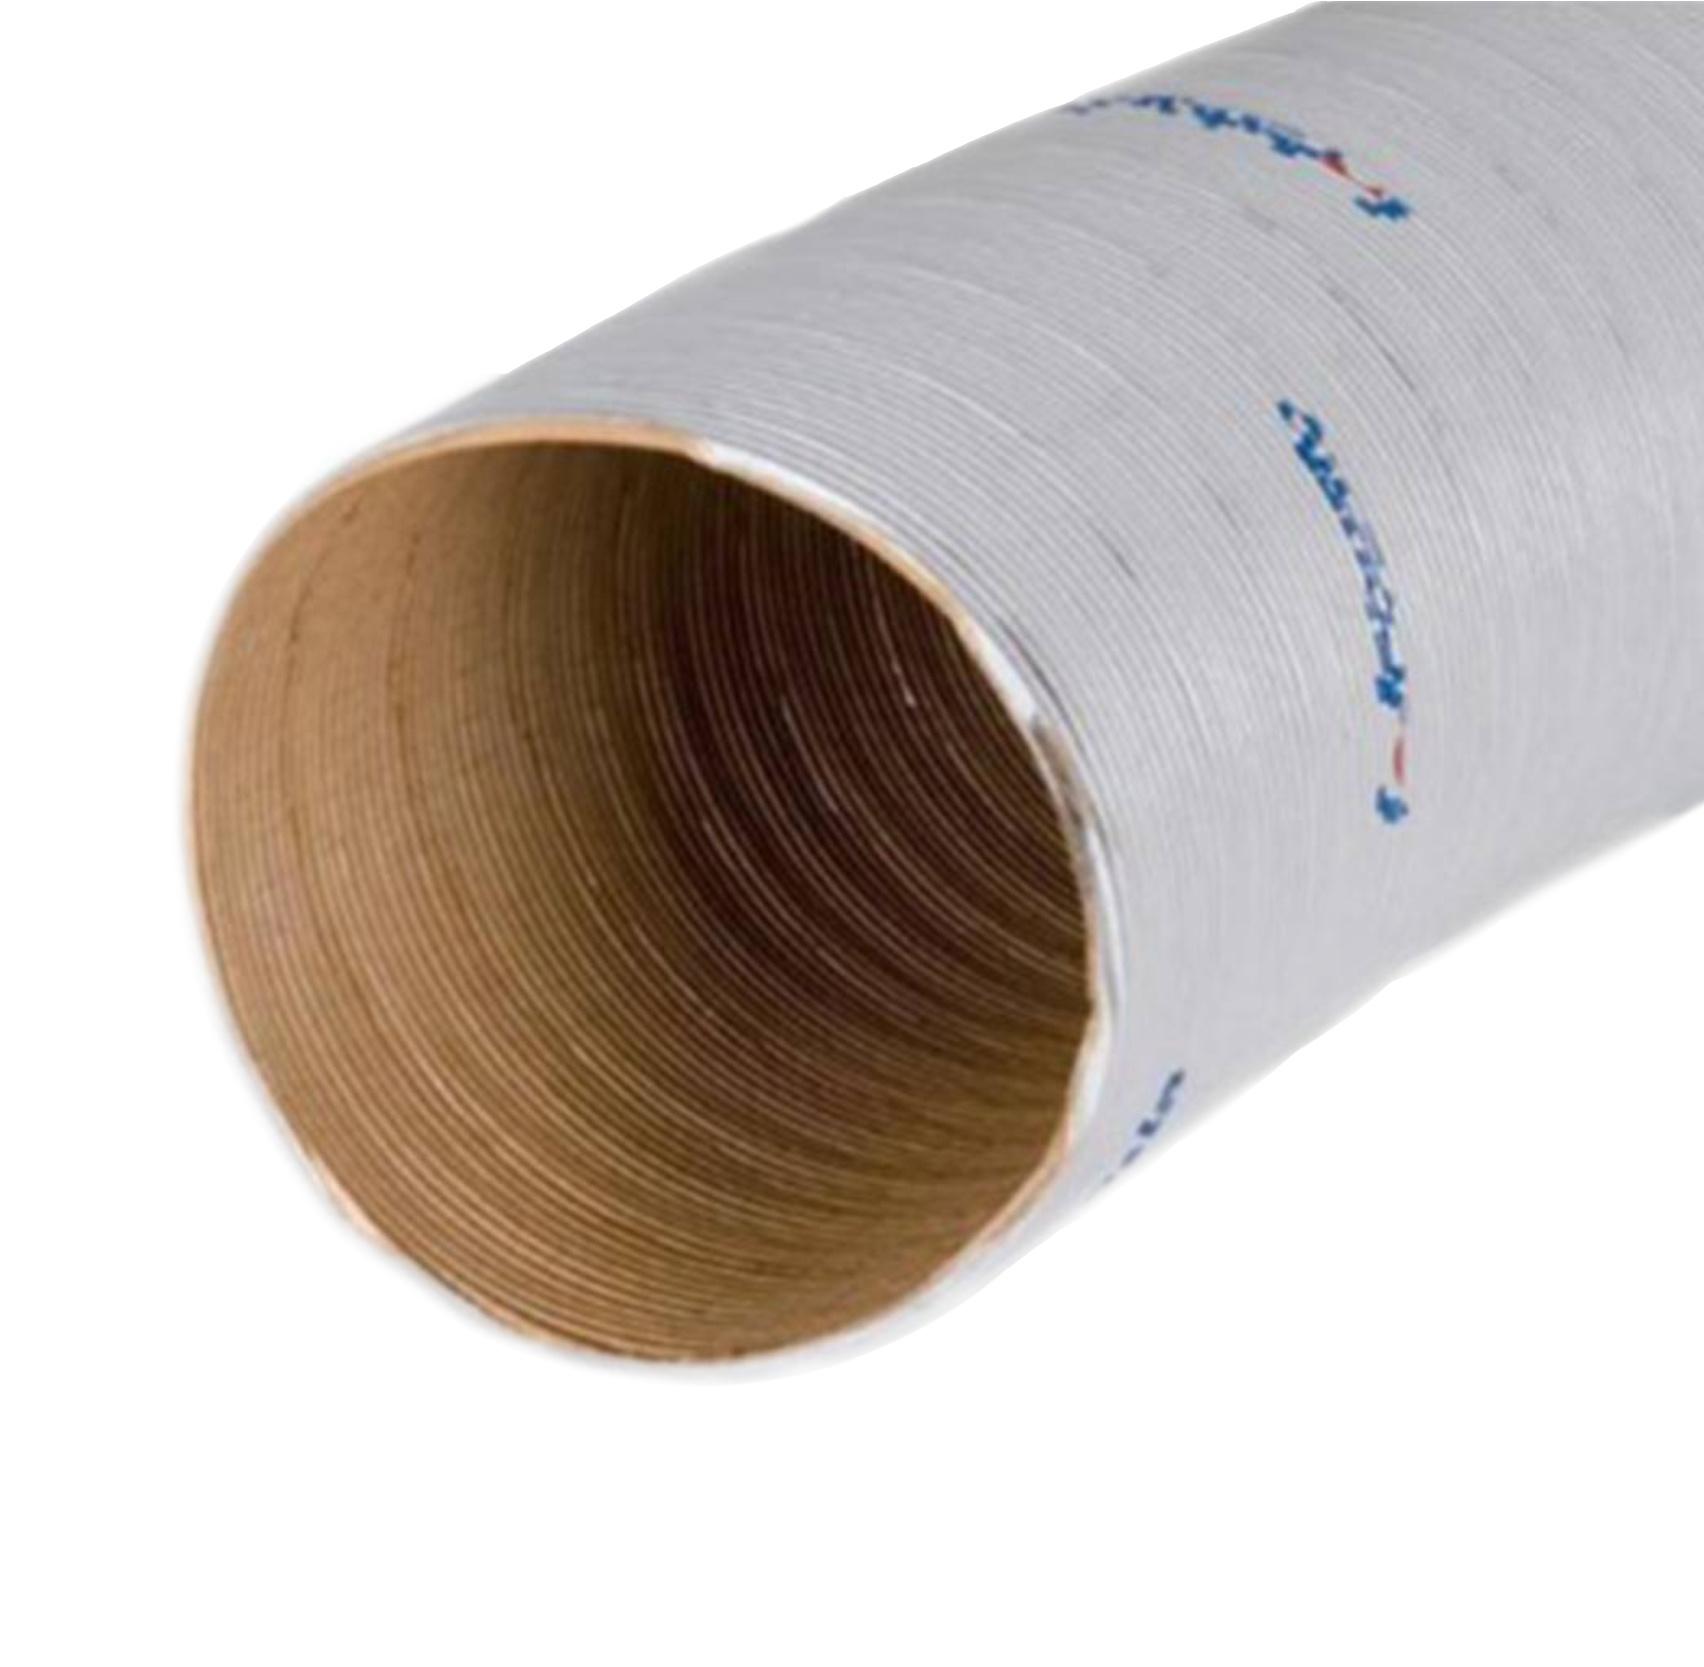 Webasto Webasto papk luchtslang 80mm 1m